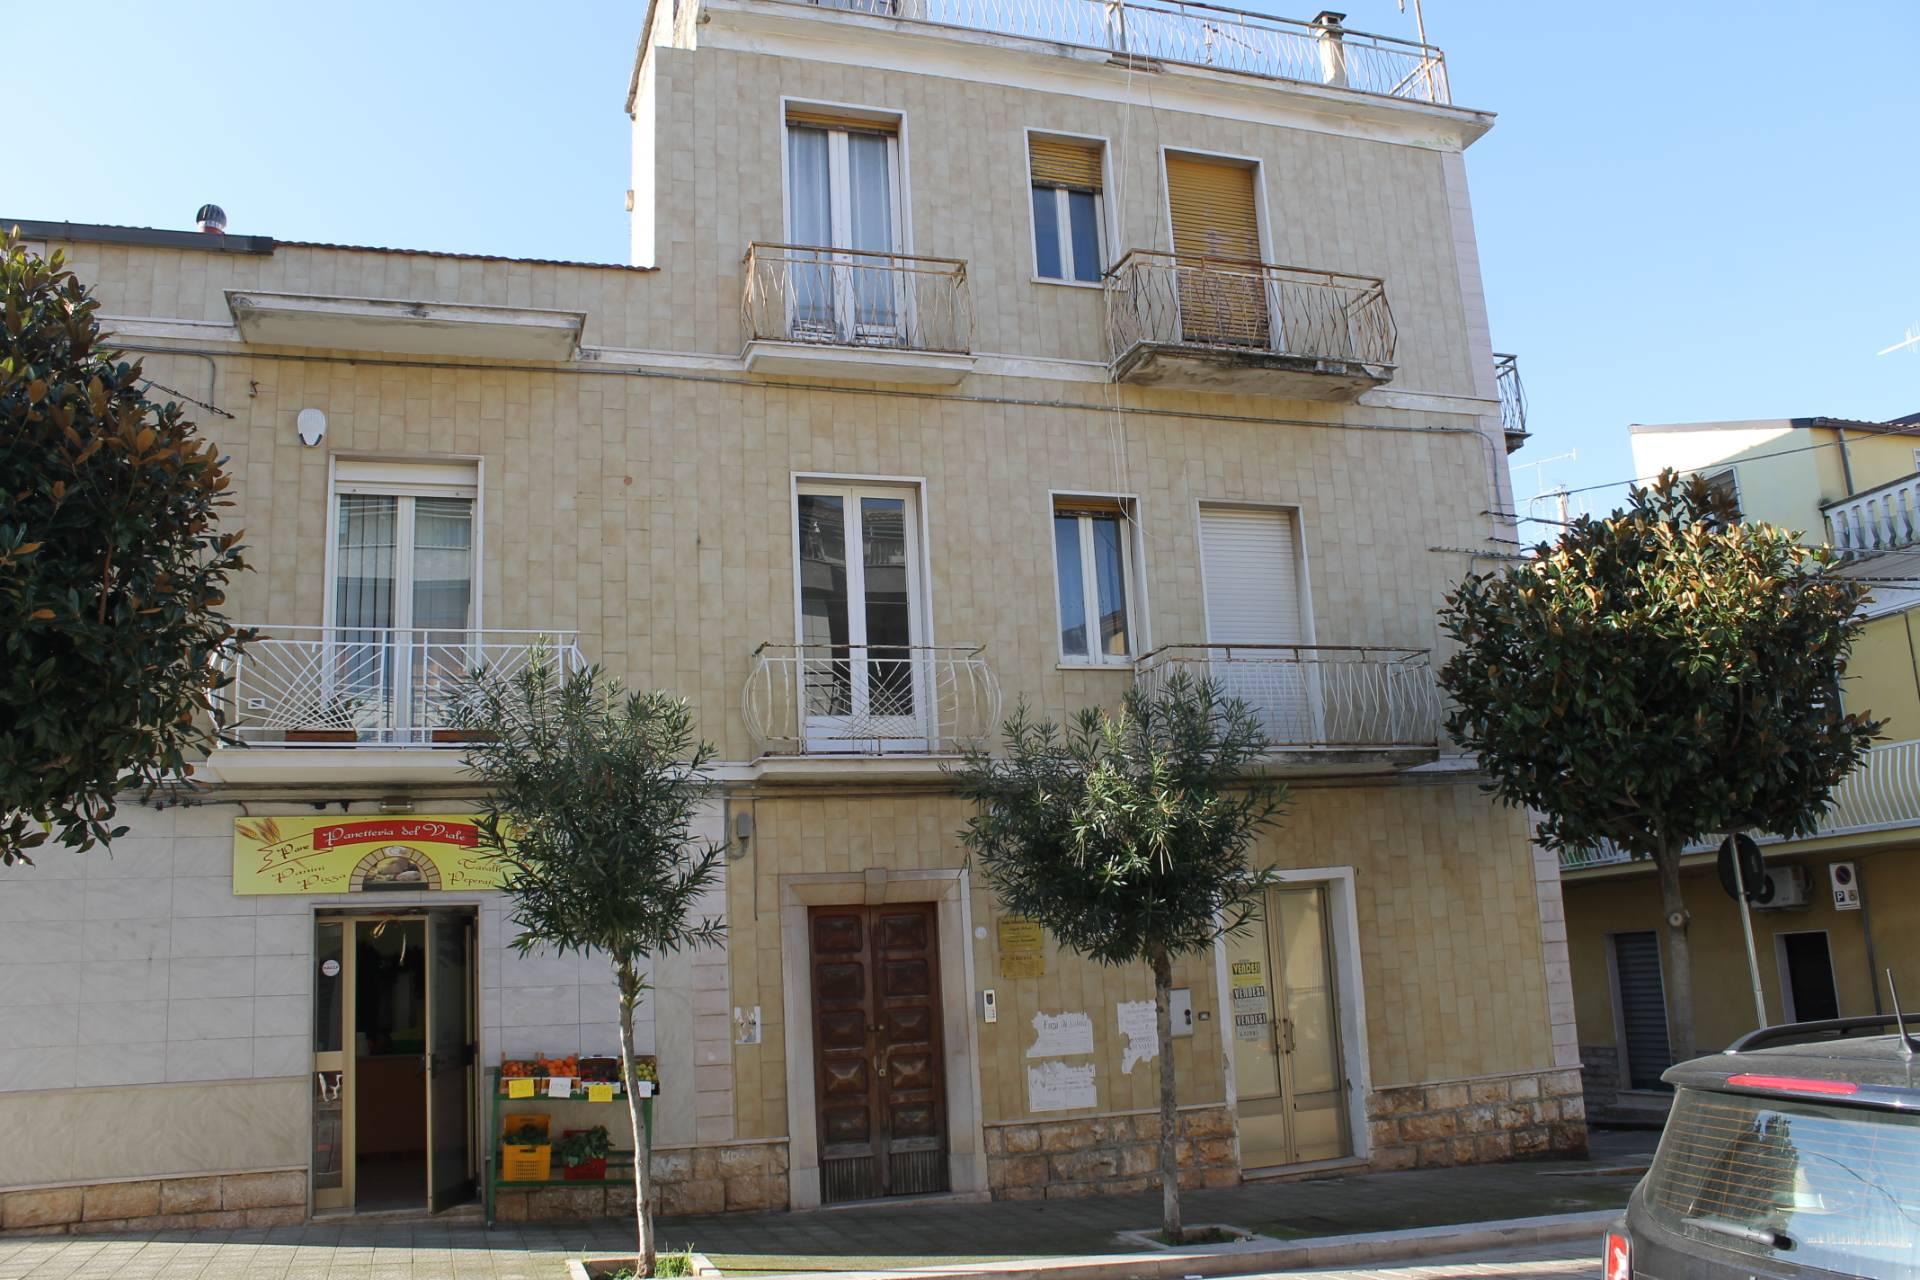 Appartamento in vendita a San Nicandro Garganico, 3 locali, zona Località: STAZIONE, prezzo € 53.000   CambioCasa.it